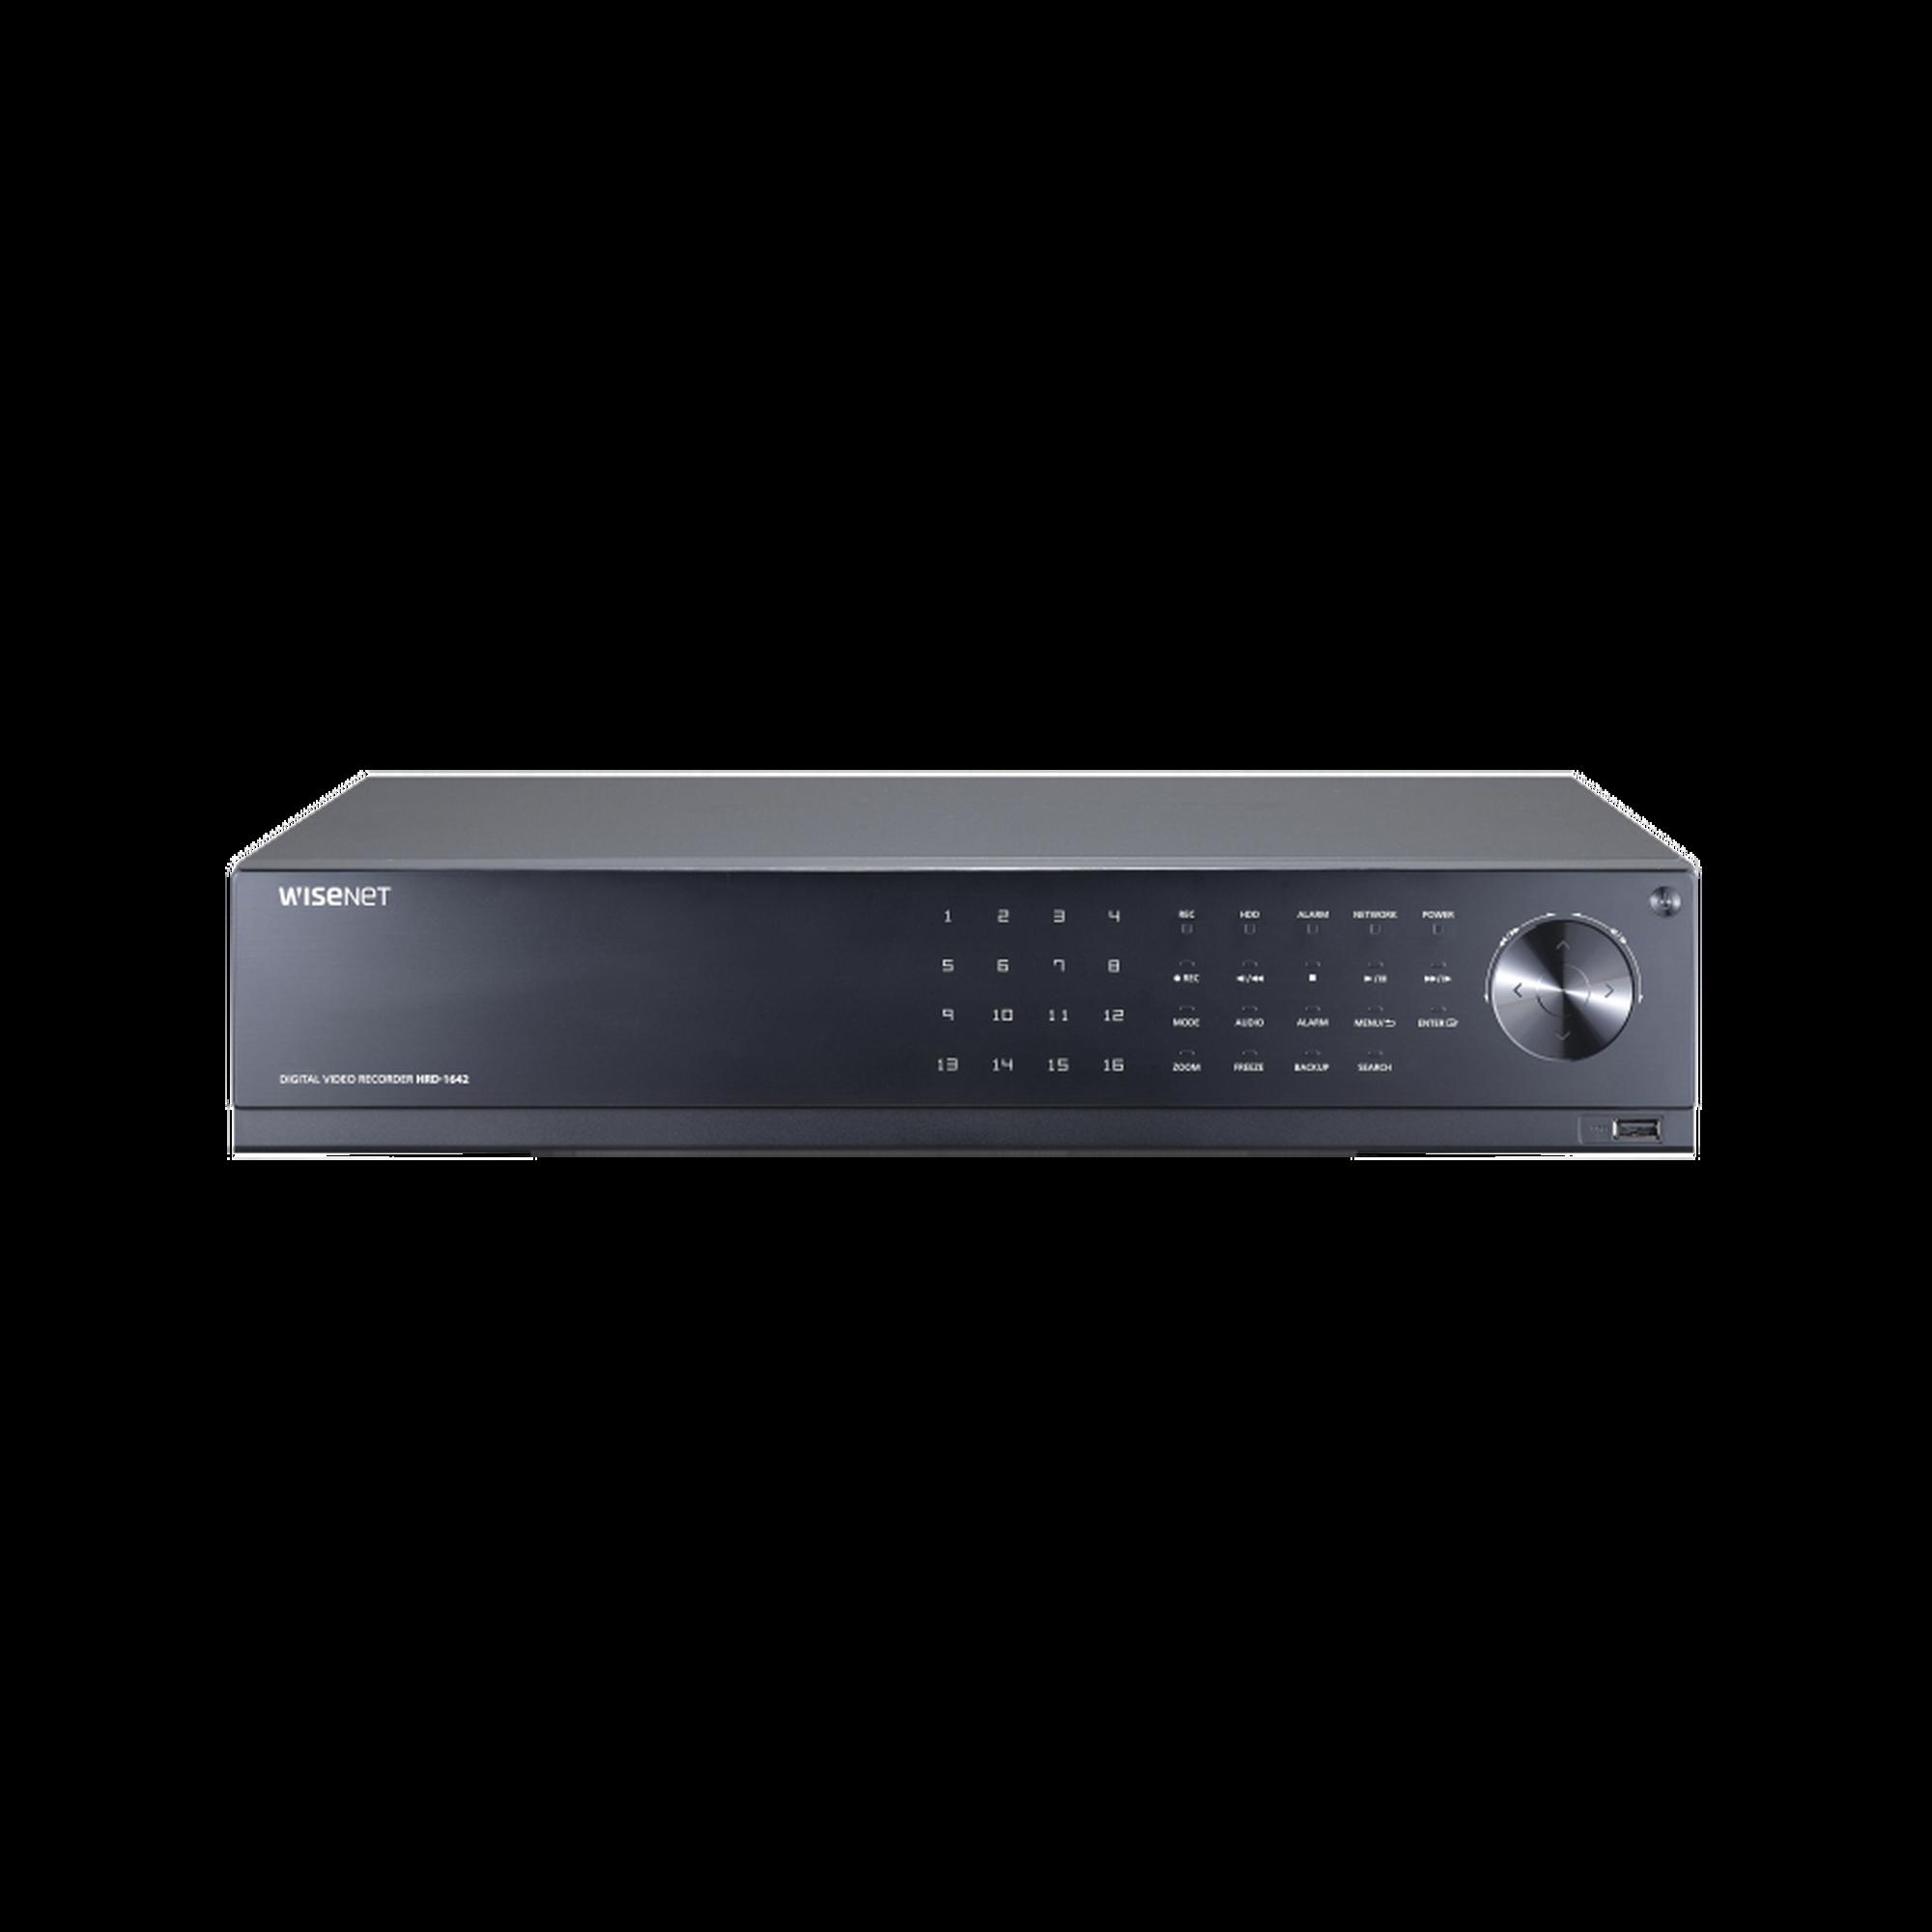 DVR 16 Canales hasta 4 Megapixel / Soporta 4 Tecnologías (AHD, TVI, CVI, CVBS) / Hasta 8 HDDs / Entradas y Salidas de Audio y Alarma / Incluye 24TB